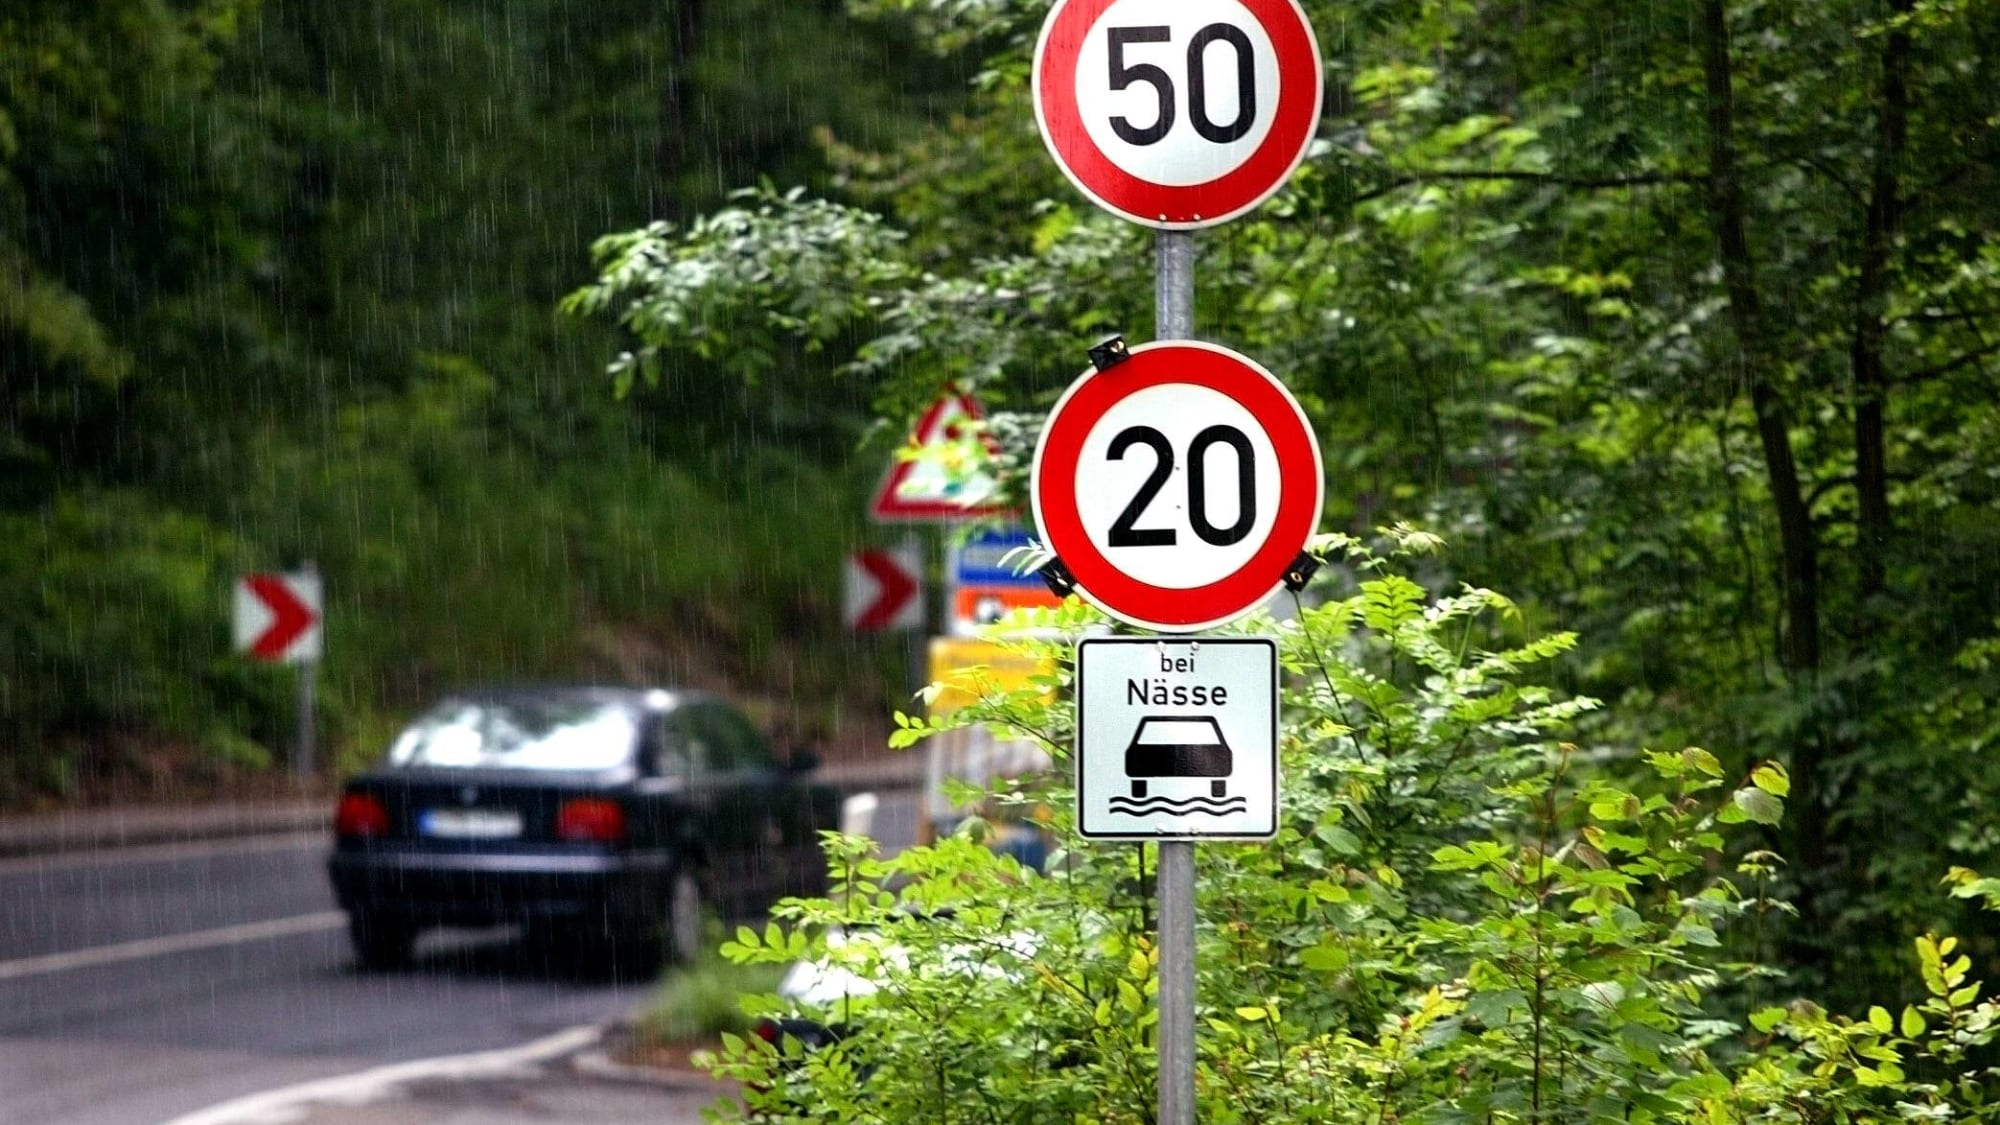 Ein Auto fährt bei Nässe um eine Kurve vorbei an einem Tempolimit-Schild